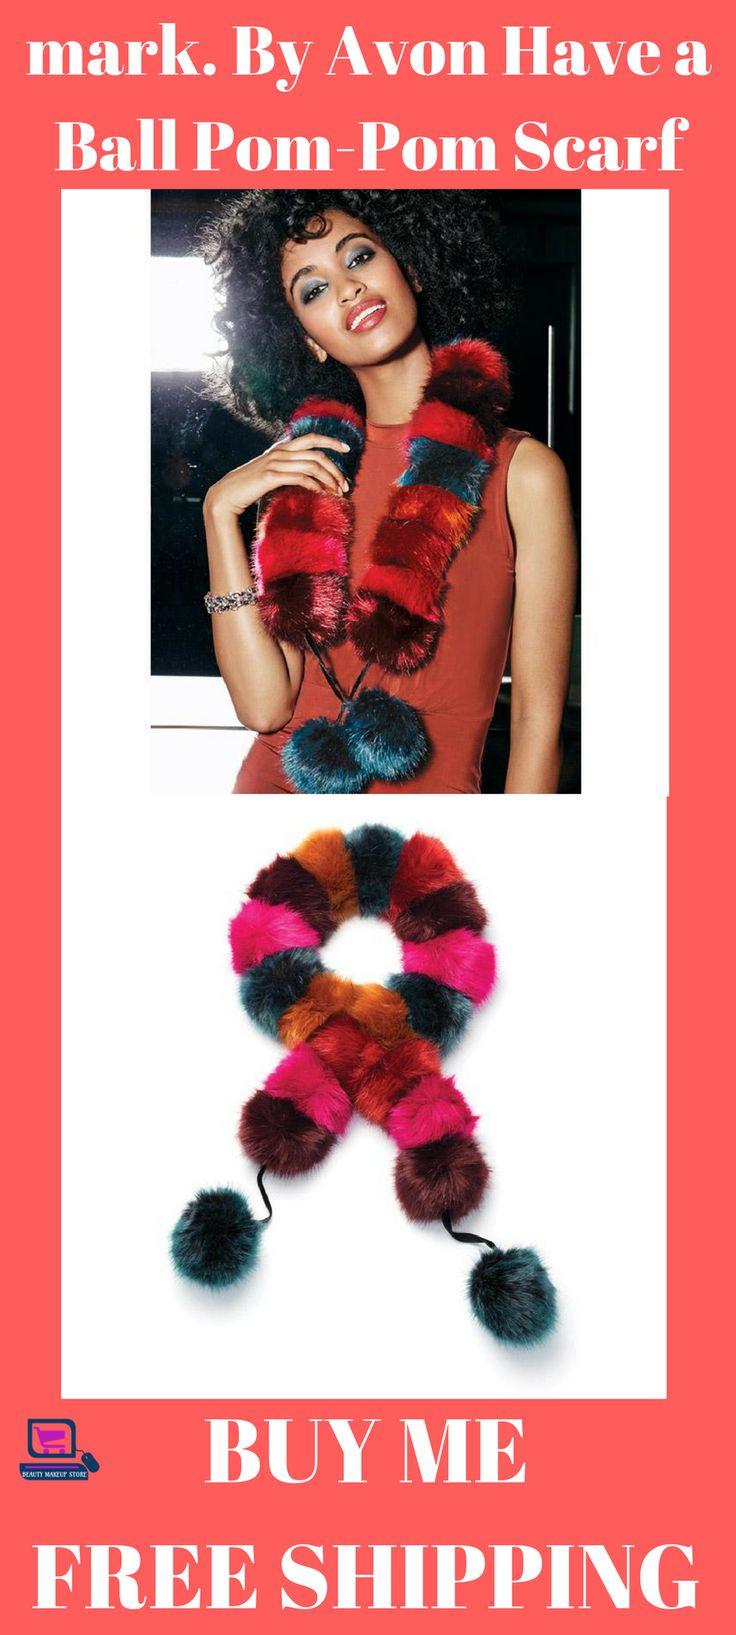 mark. By Avon Have a Ball Pom-Pom Scarf #scarfs #scarfforwomen #scarfforwomenwinter #fashion scarf for women | scarf for women winter | scarf for women fall fashion | scarf for women crochet | scarf for women silk scarves |